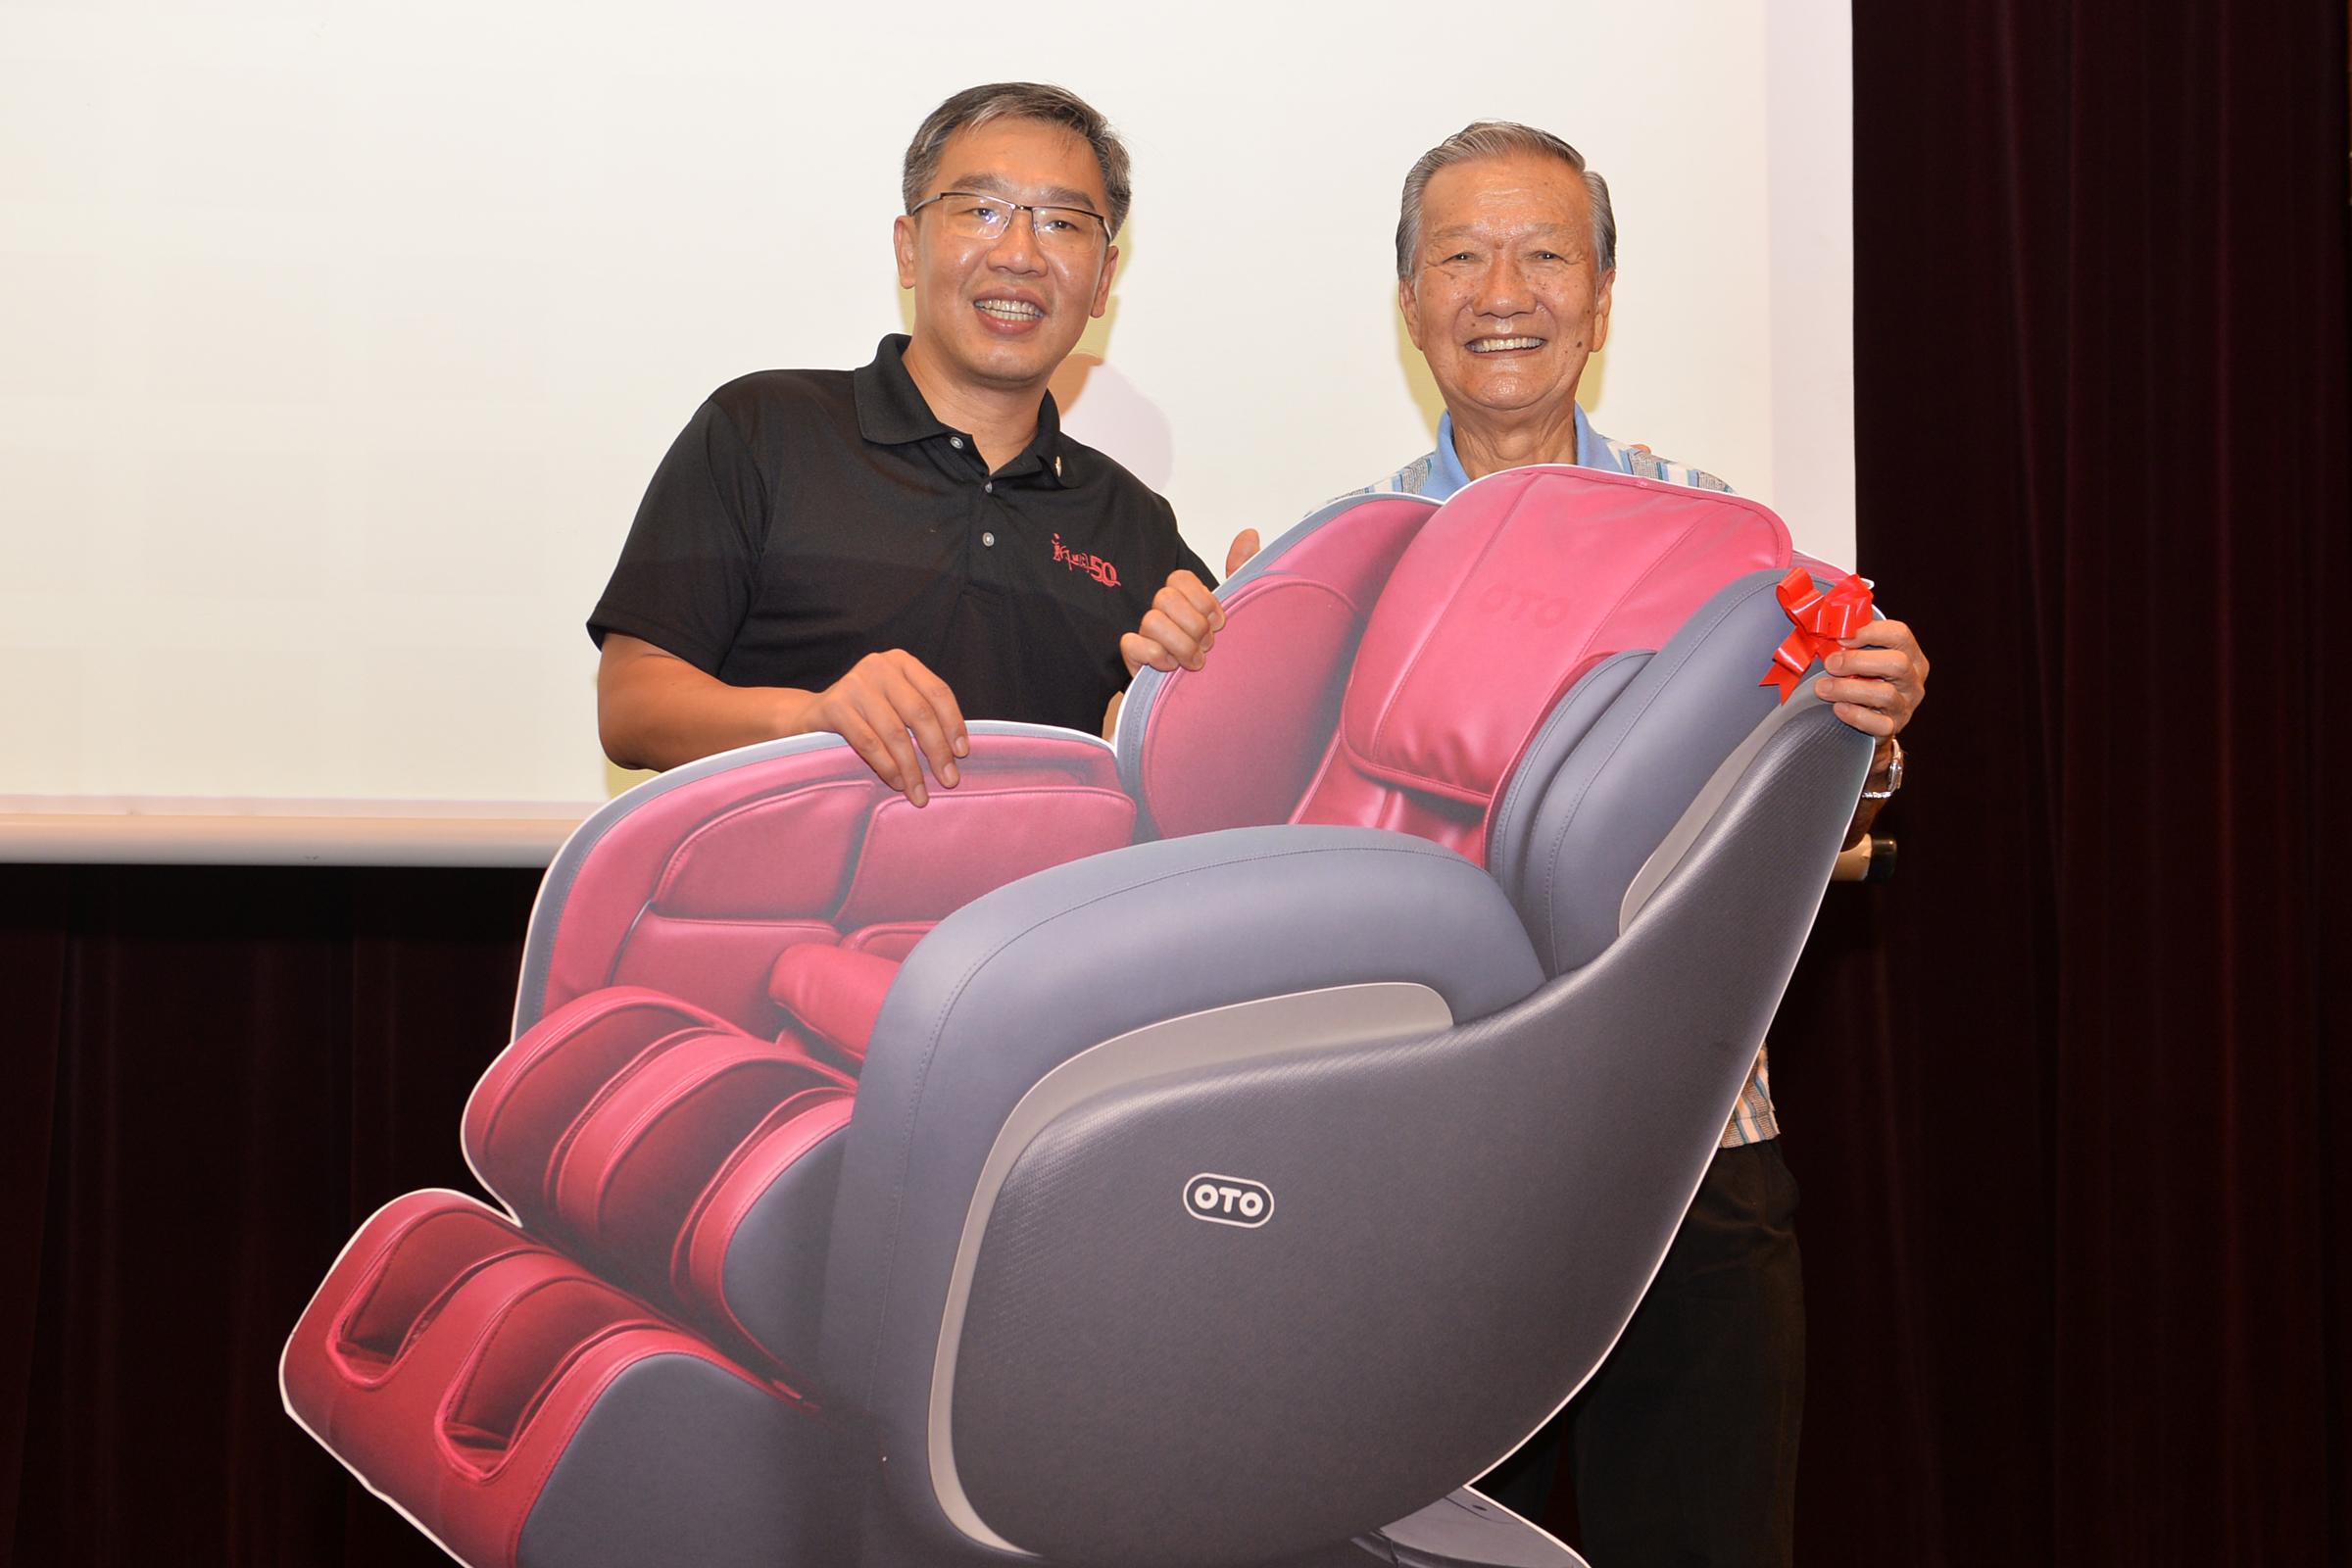 赢得《读新明 赢巨奖》首奖OTO Elite按摩椅的廖照来从本报总编辑朱志伟手中领奖。